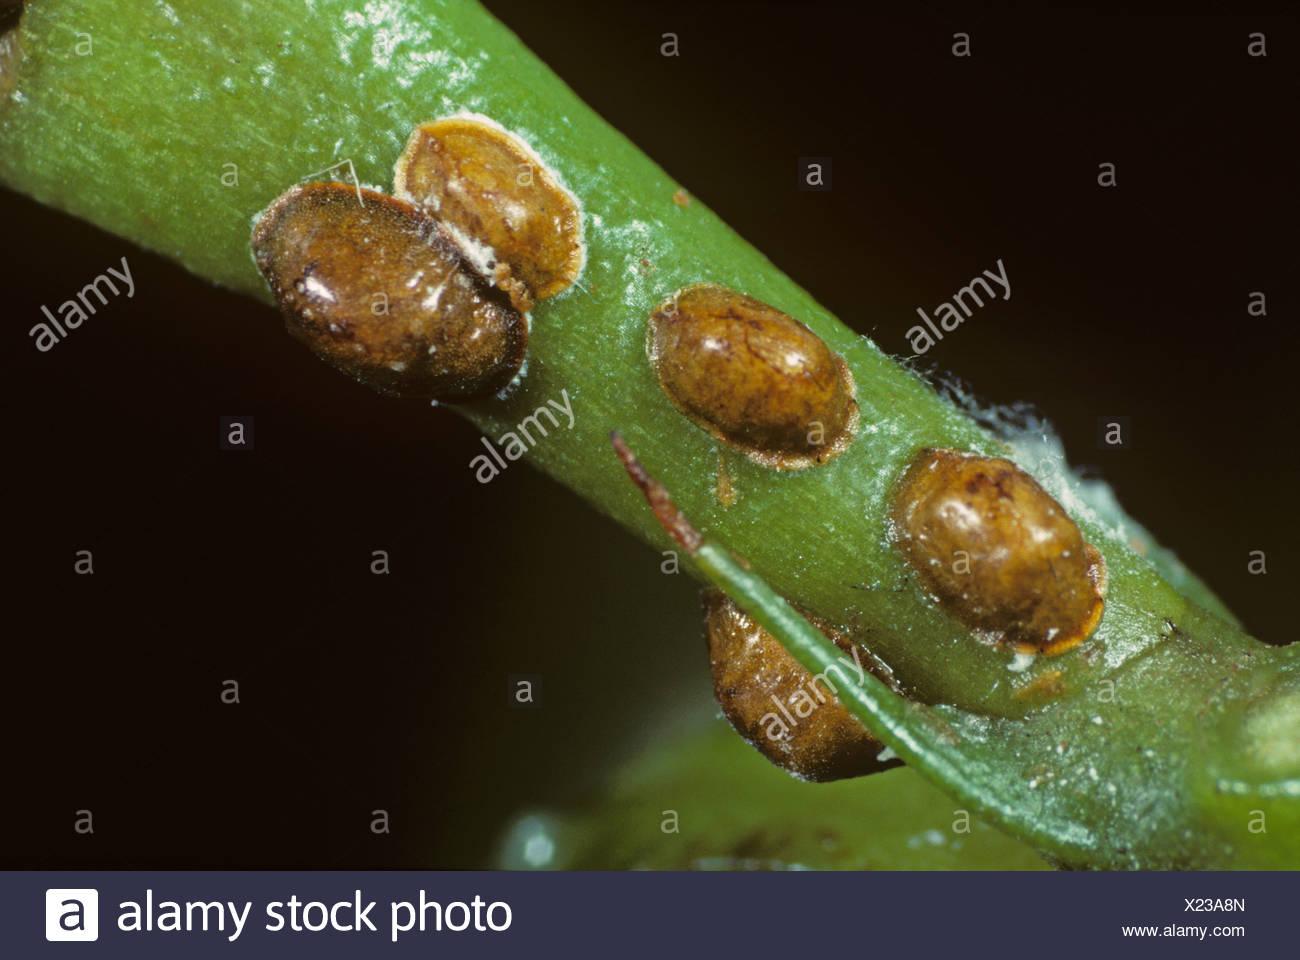 Brown scale insect, Parthenolecanium corni, en el tallo de una planta ornamental de interior Imagen De Stock